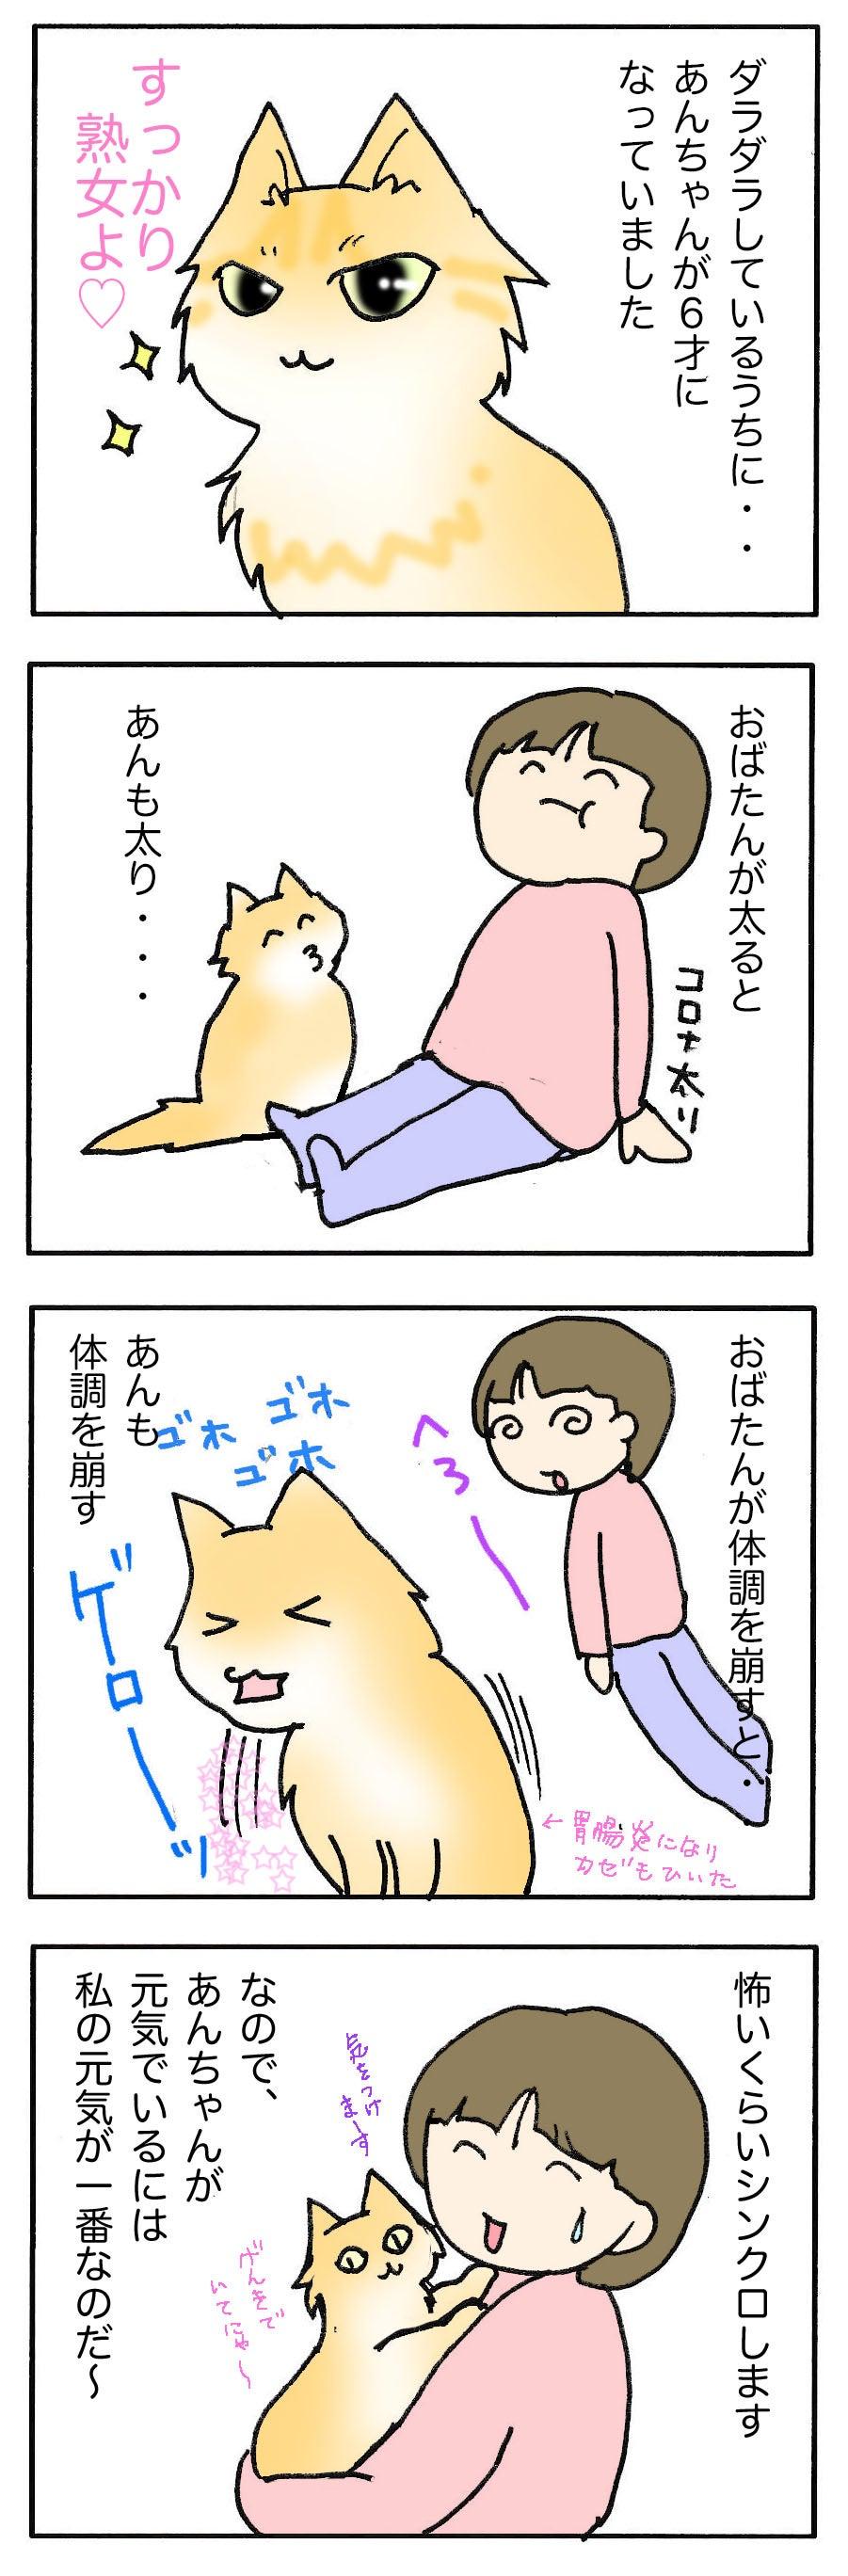 あんみゆのブログあんちゃん6才になりました